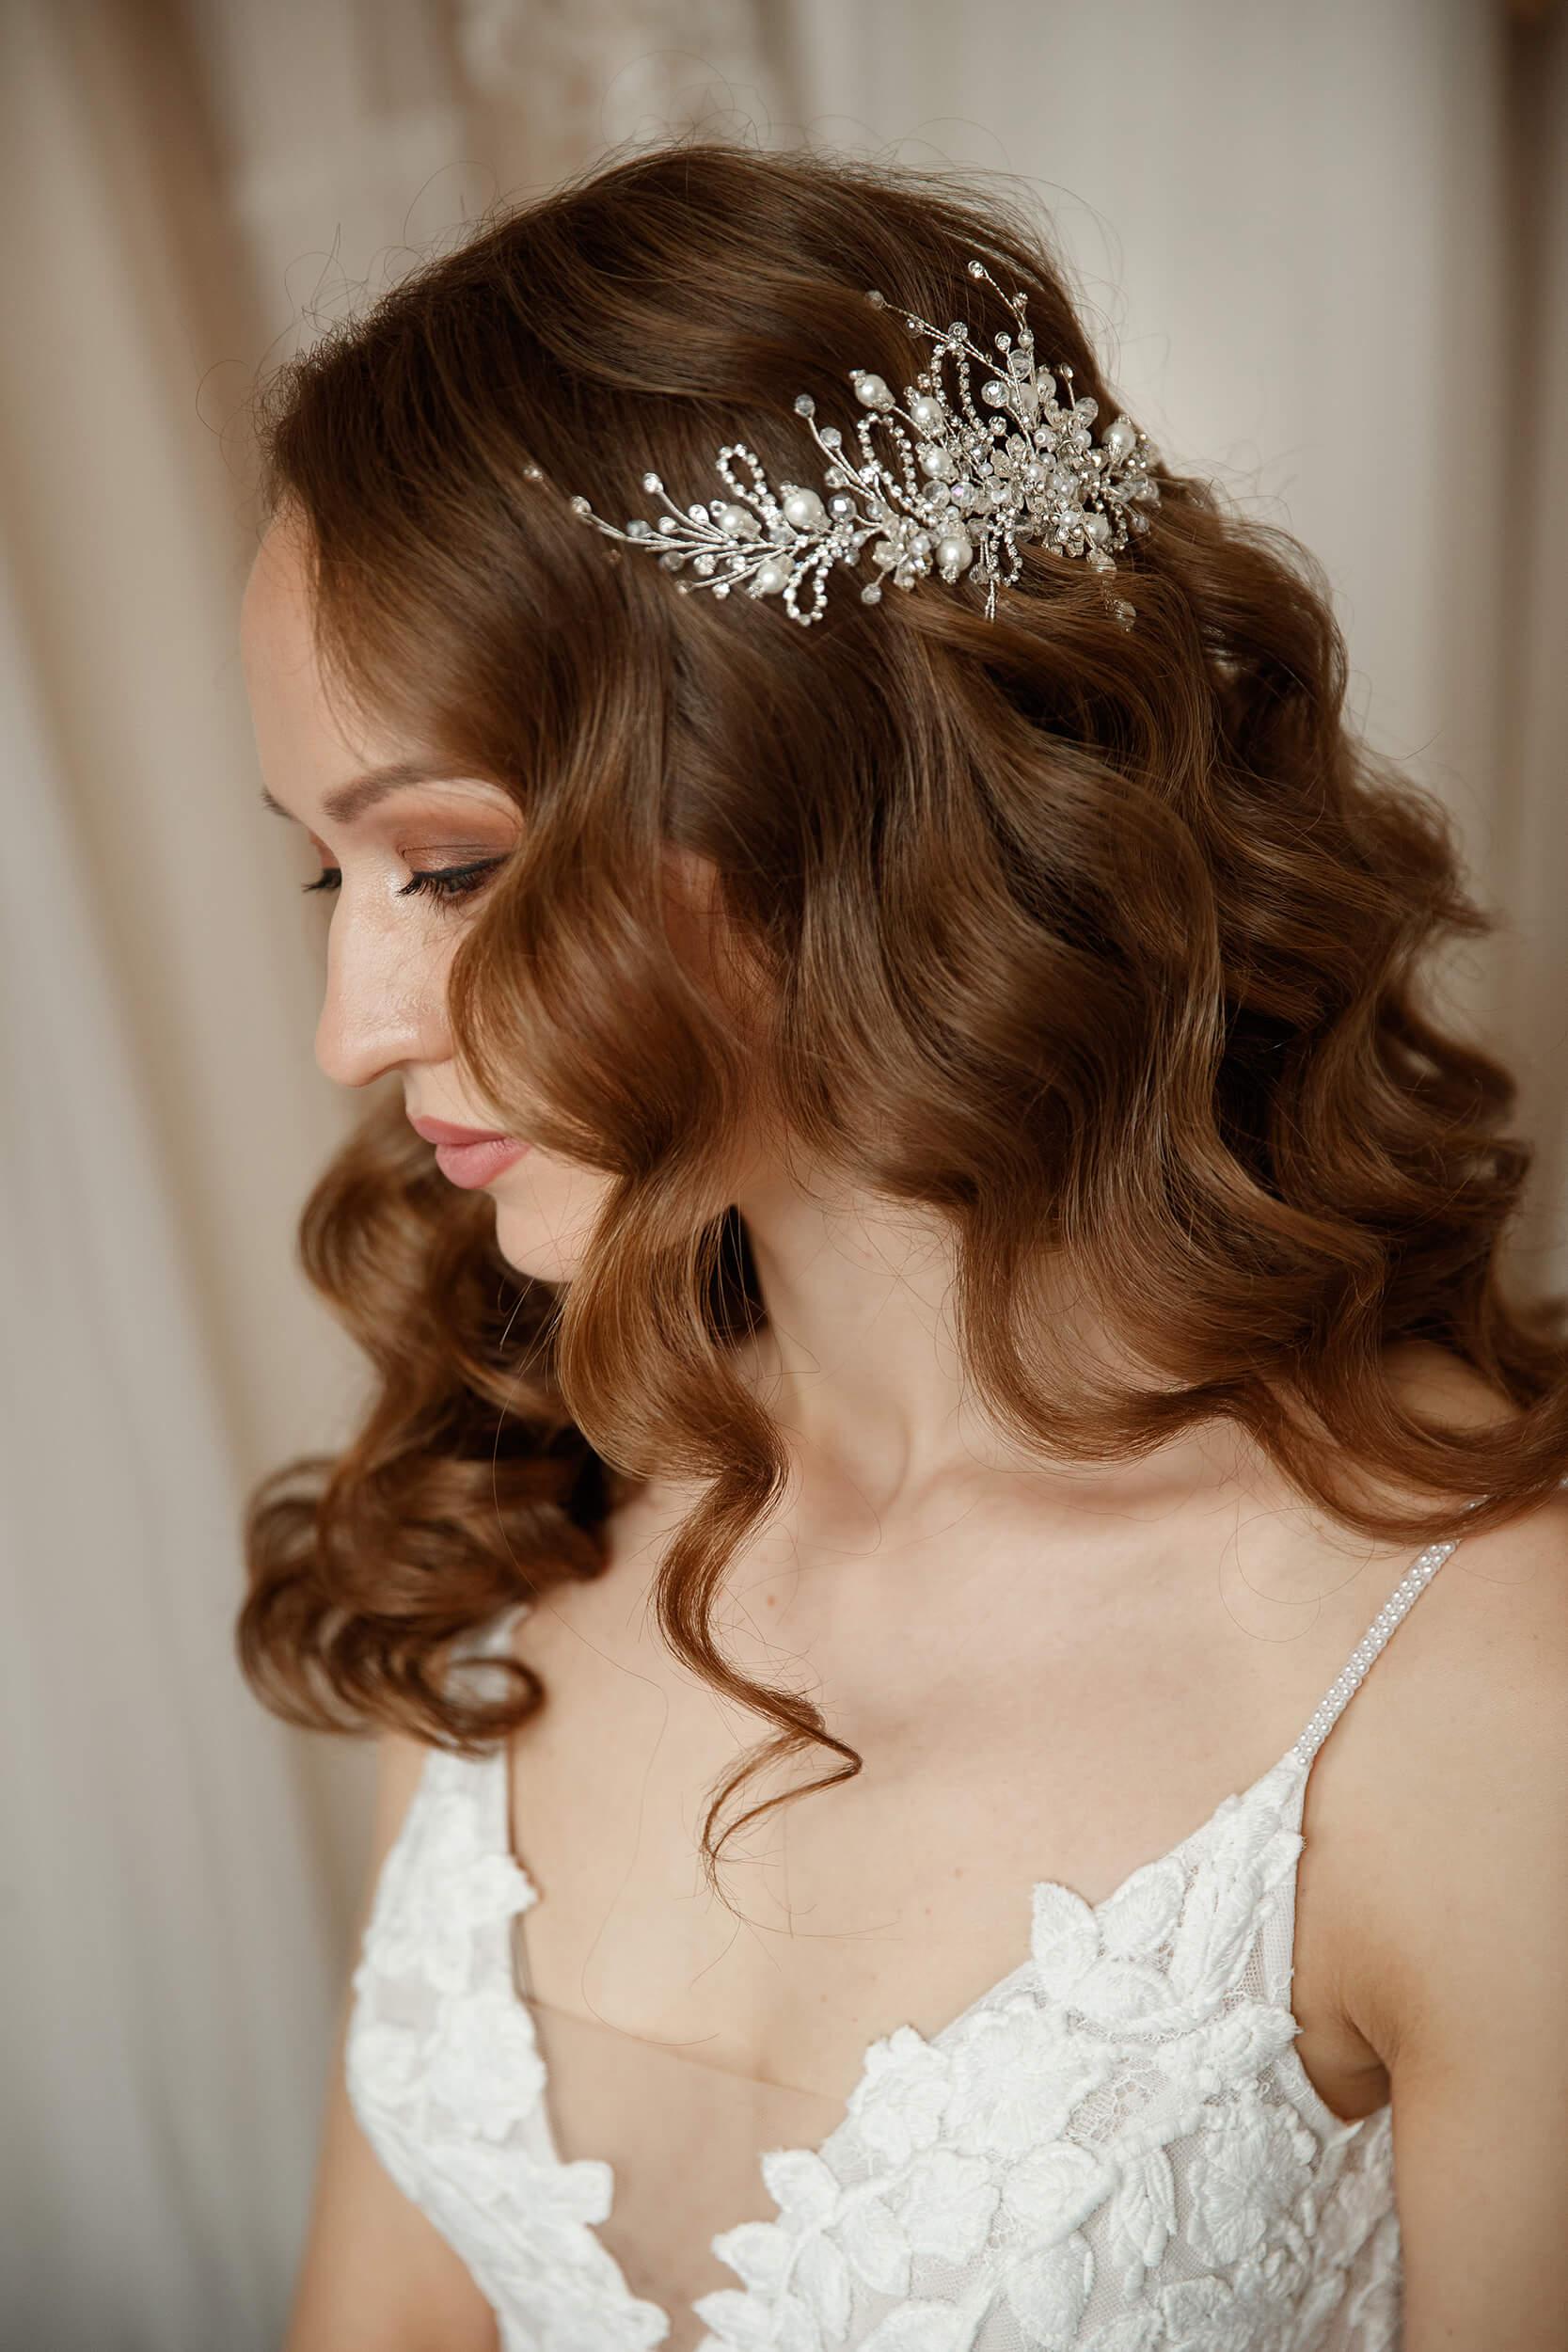 украшения для волос на свадьбу | Vero